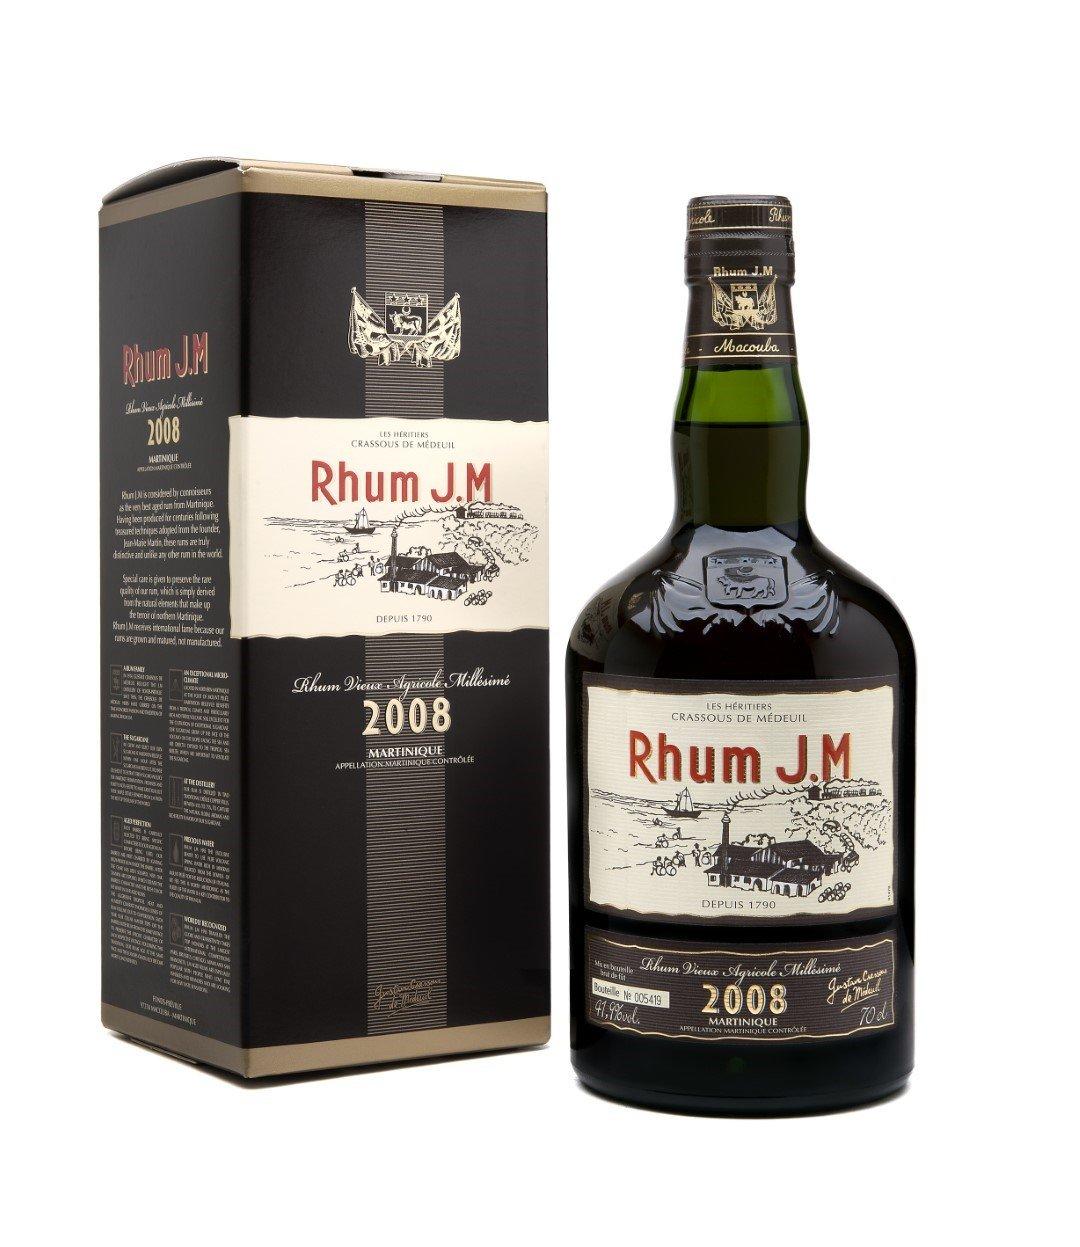 Rhum J.M. 10 Years Old Vintage 2006